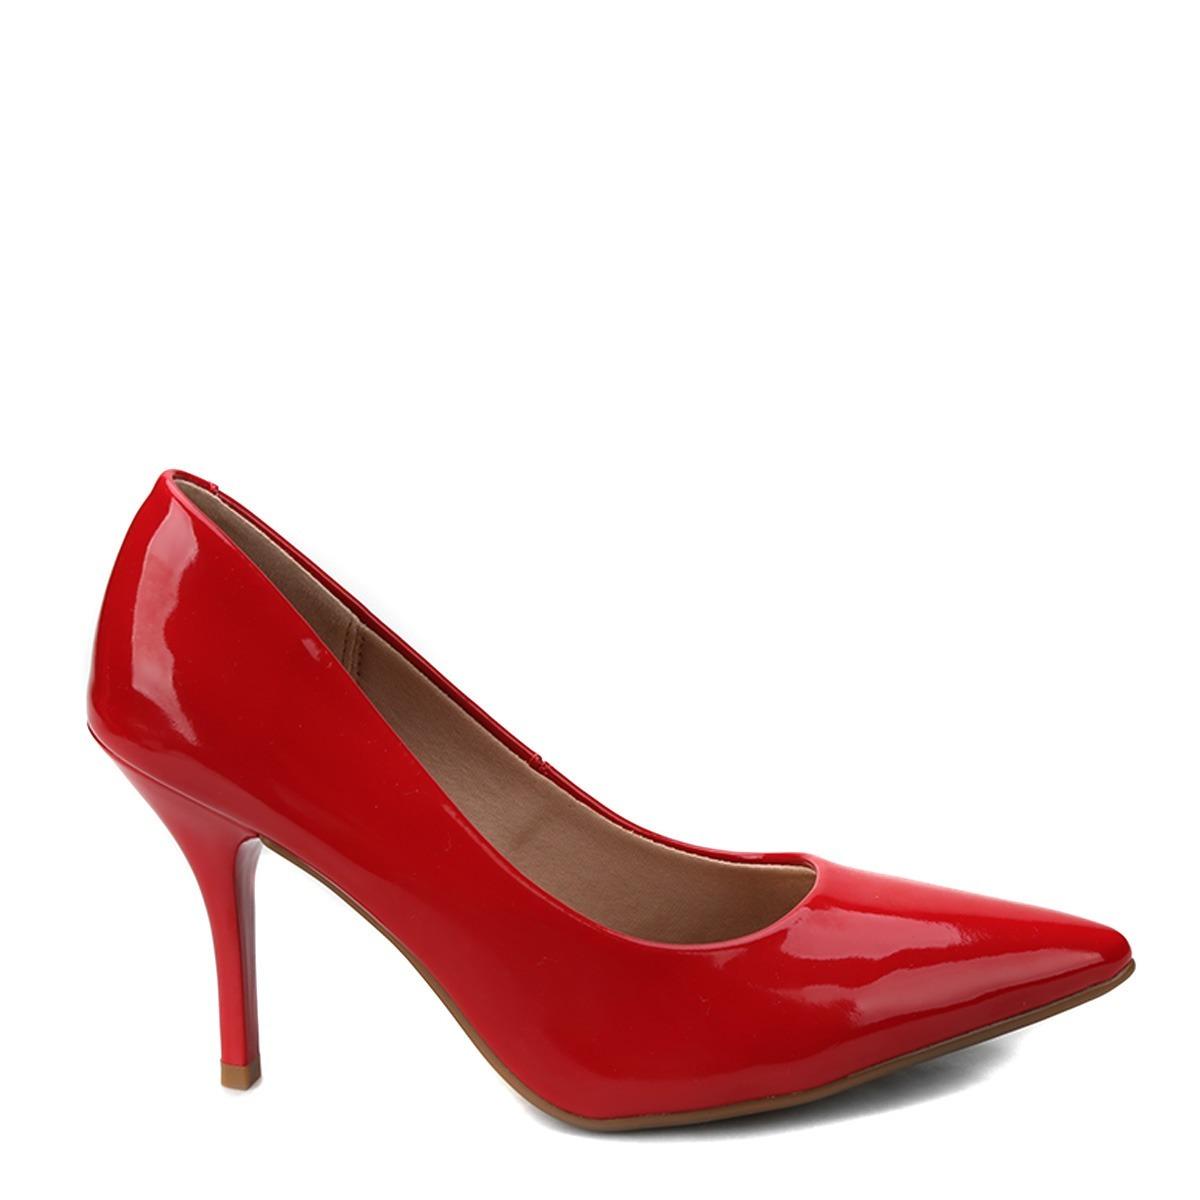 647ddad76f sapato scarpin vermelho salto alto verniz beira rio. Carregando zoom.